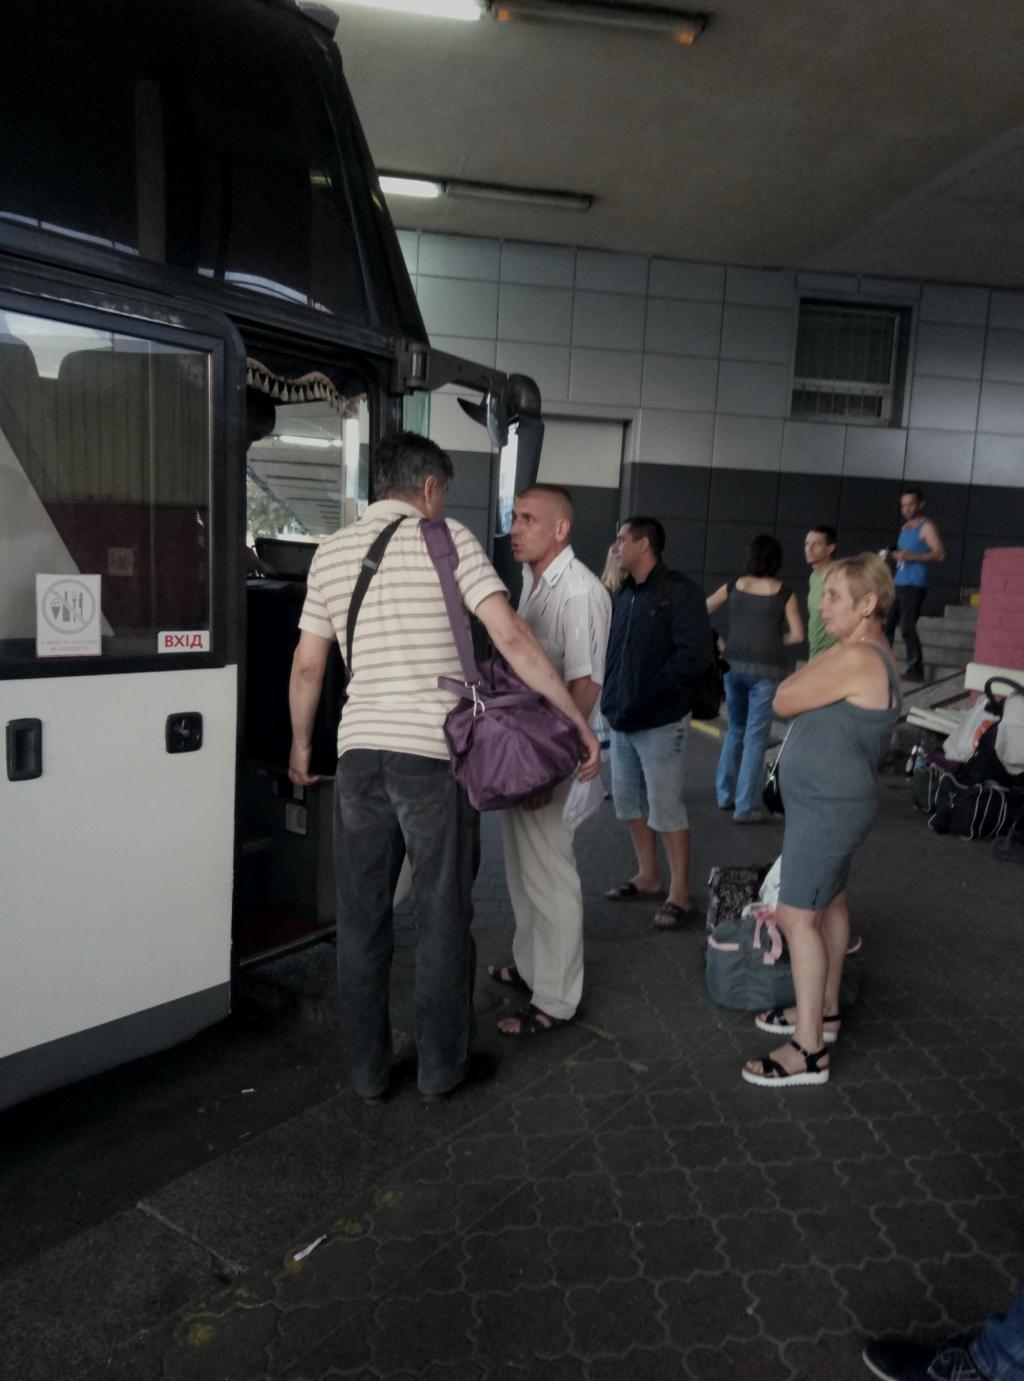 Busfor.ua - Сайты, продающие билеты не хотят ни за что отвечать, как и перевозчики